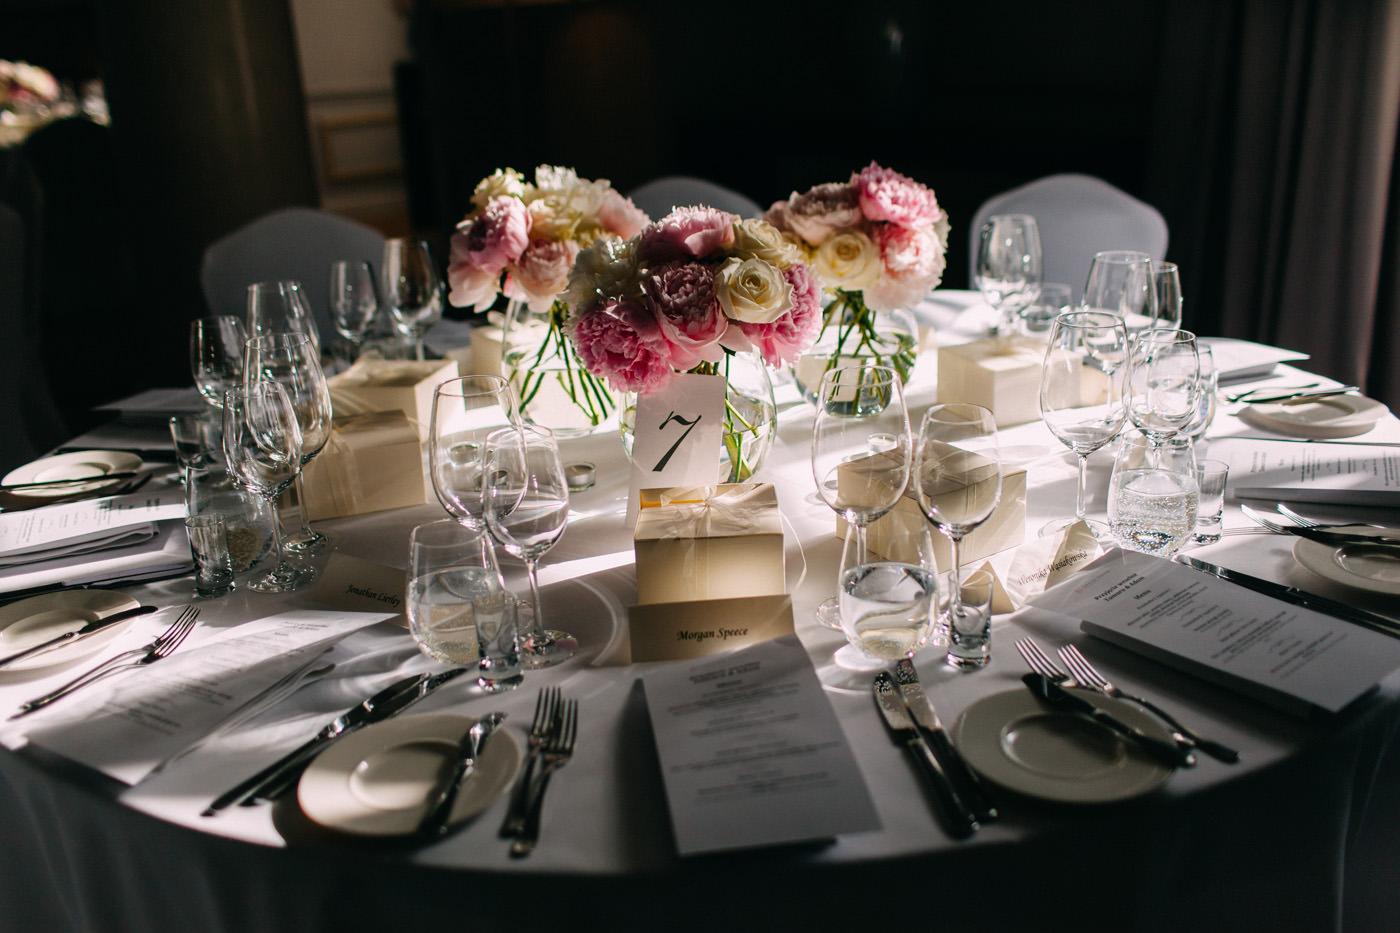 dekoracje weselne stolu w amber room warszawa- luke sezeck